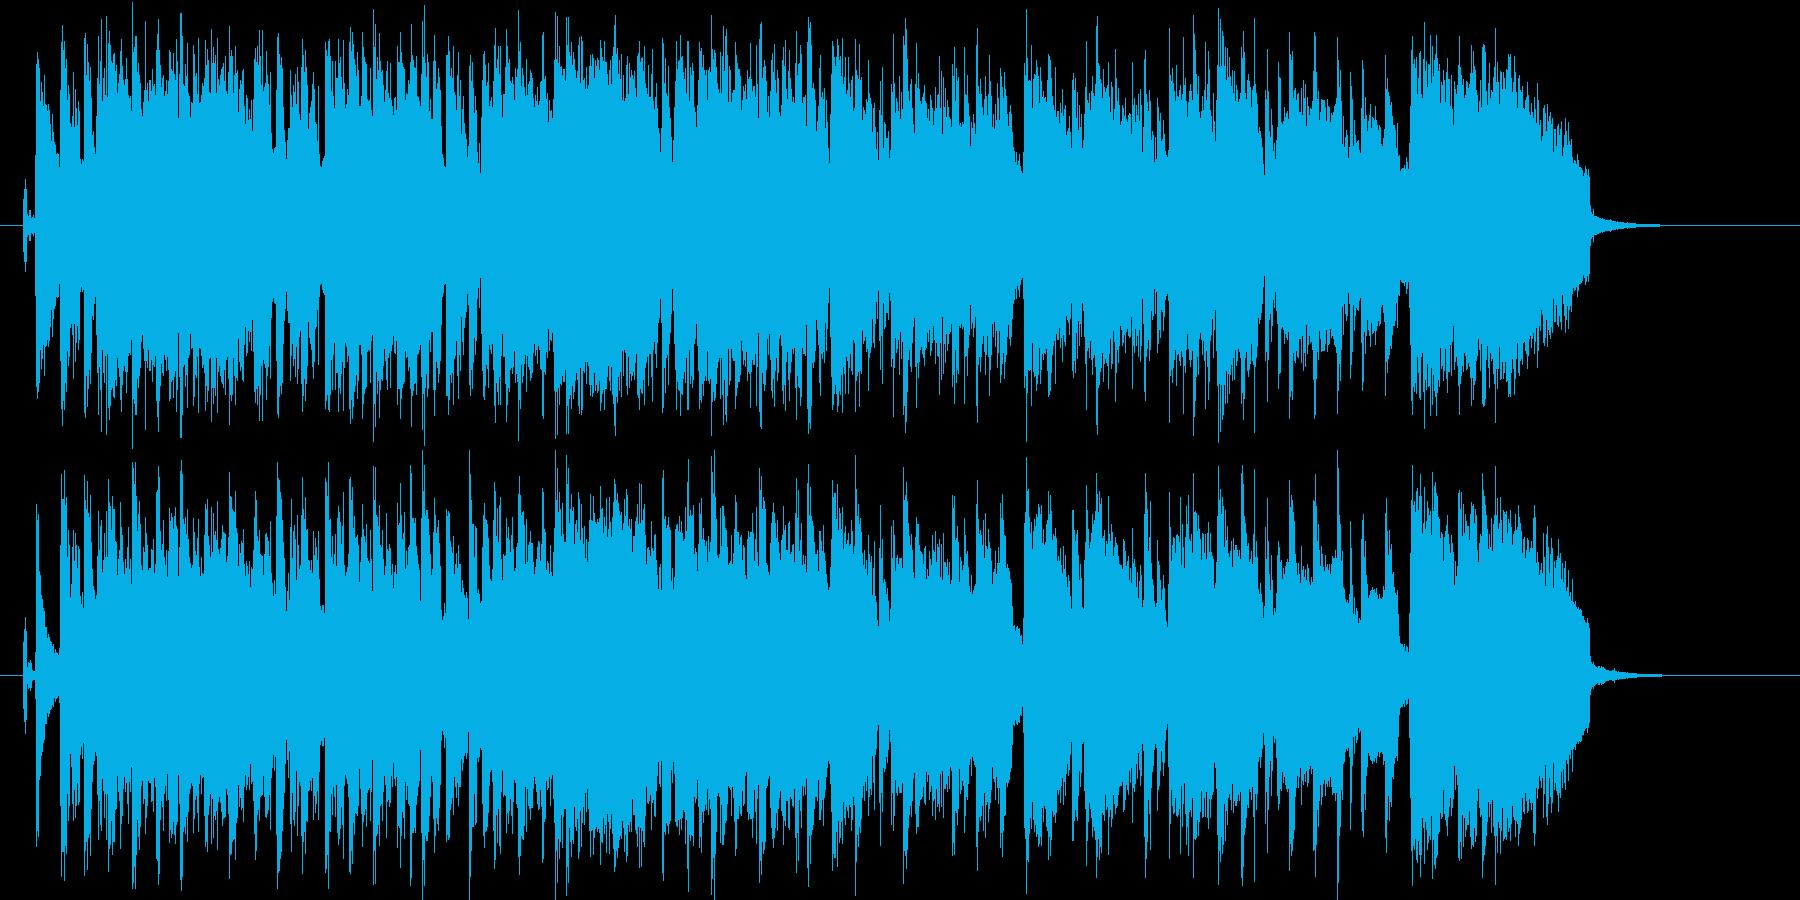 エレキギターがパワフルなロックバンド曲の再生済みの波形